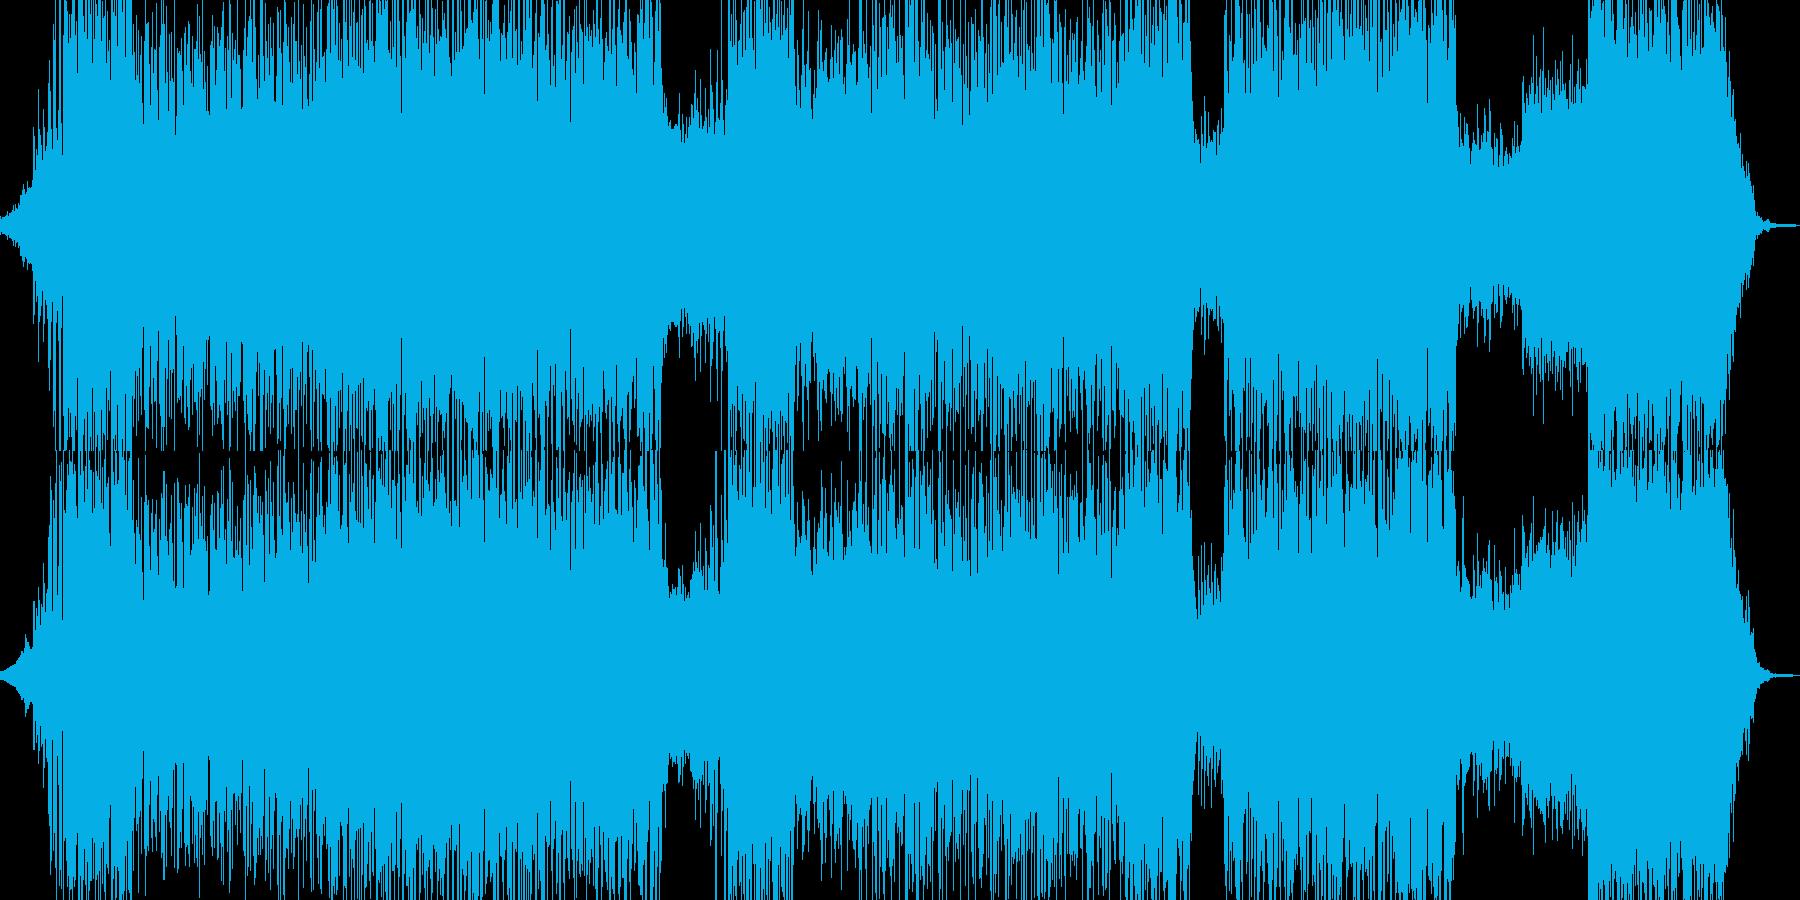 自然 疾走感ある雰囲気に適したBGMの再生済みの波形